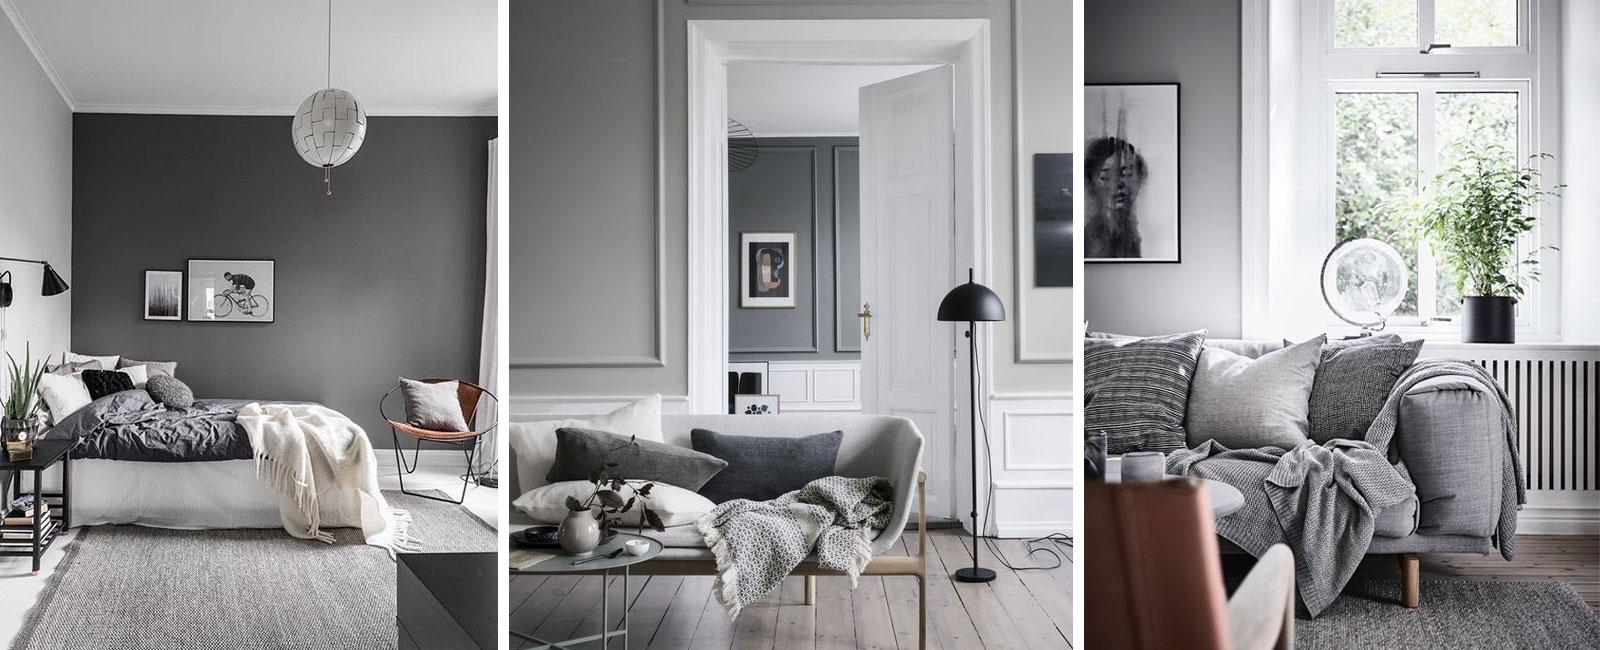 Divano Rosso E Grigio ecco perchè il grigio è il colore perfetto per gli interni